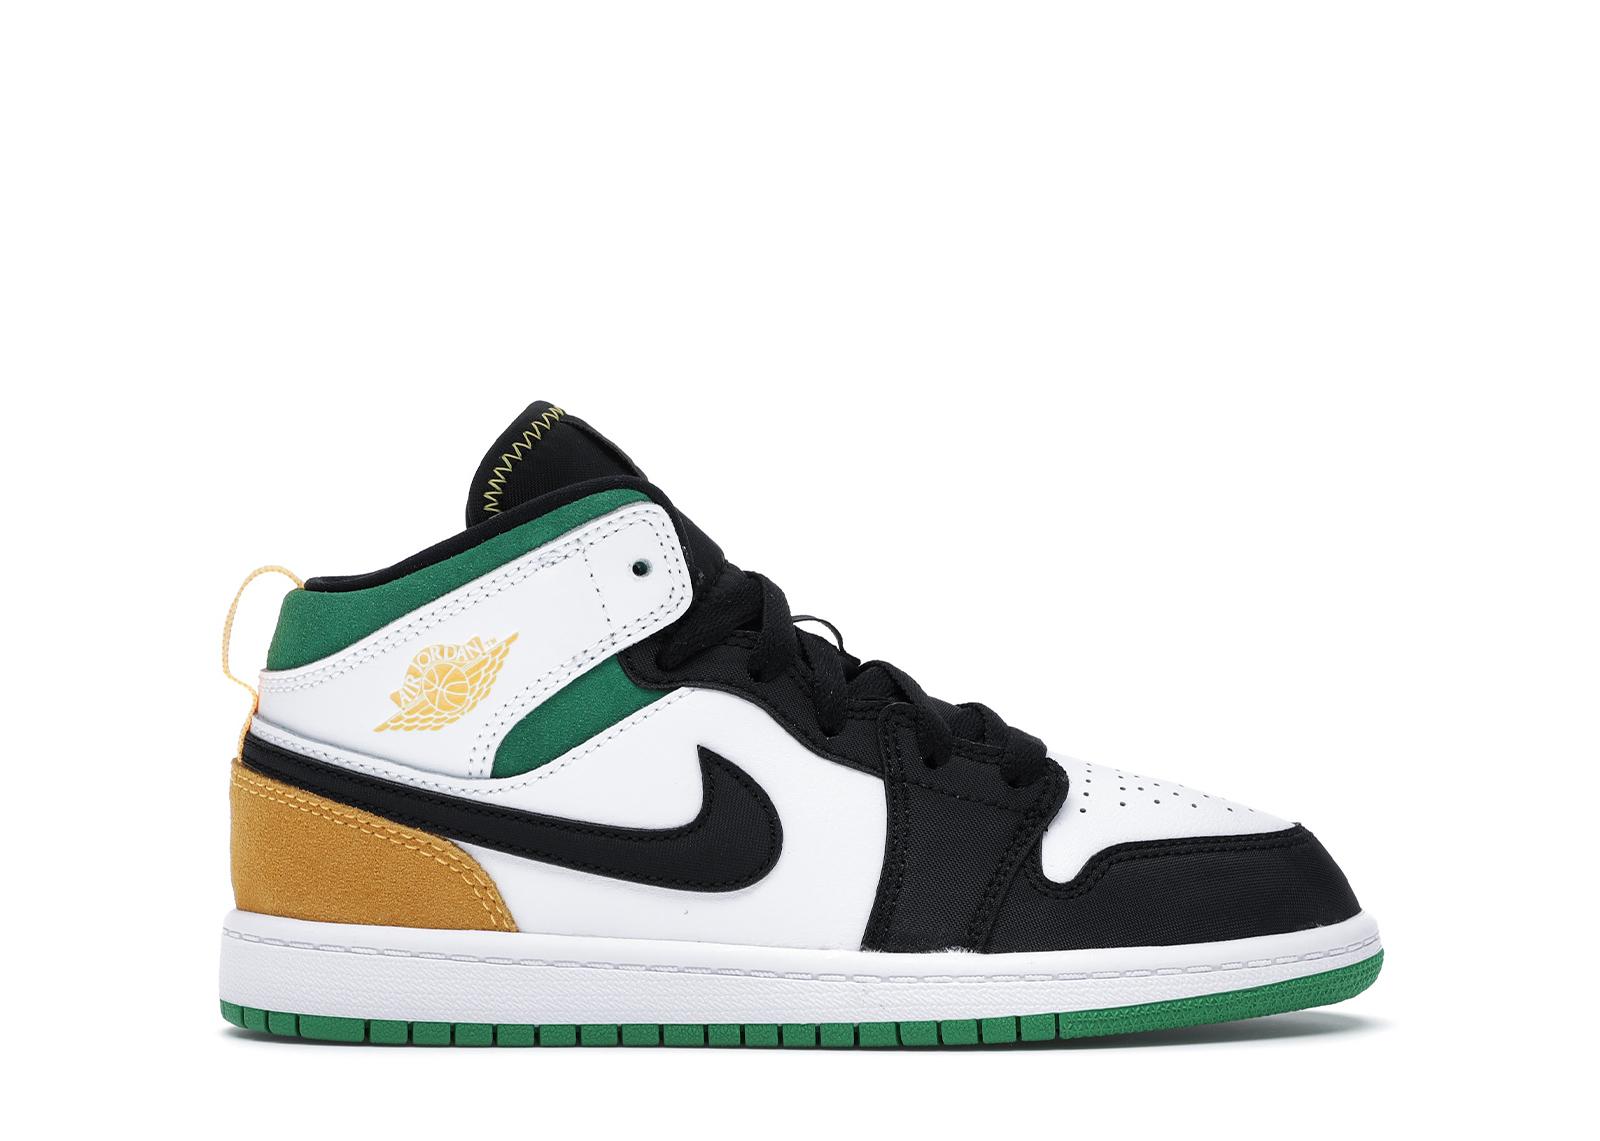 Jordan 1 Mid SE White Laser Orange Lucky Green (PS) - BQ6932-101